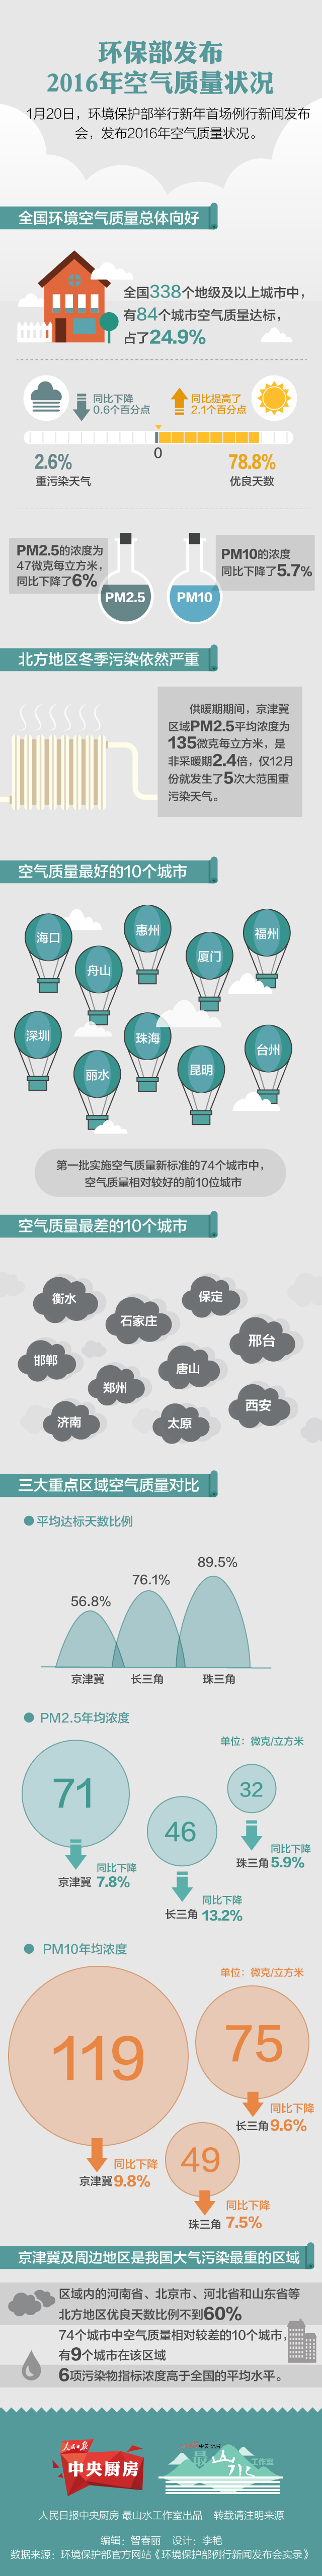 一图看懂2016年空气质量,你家乡在哪个档?